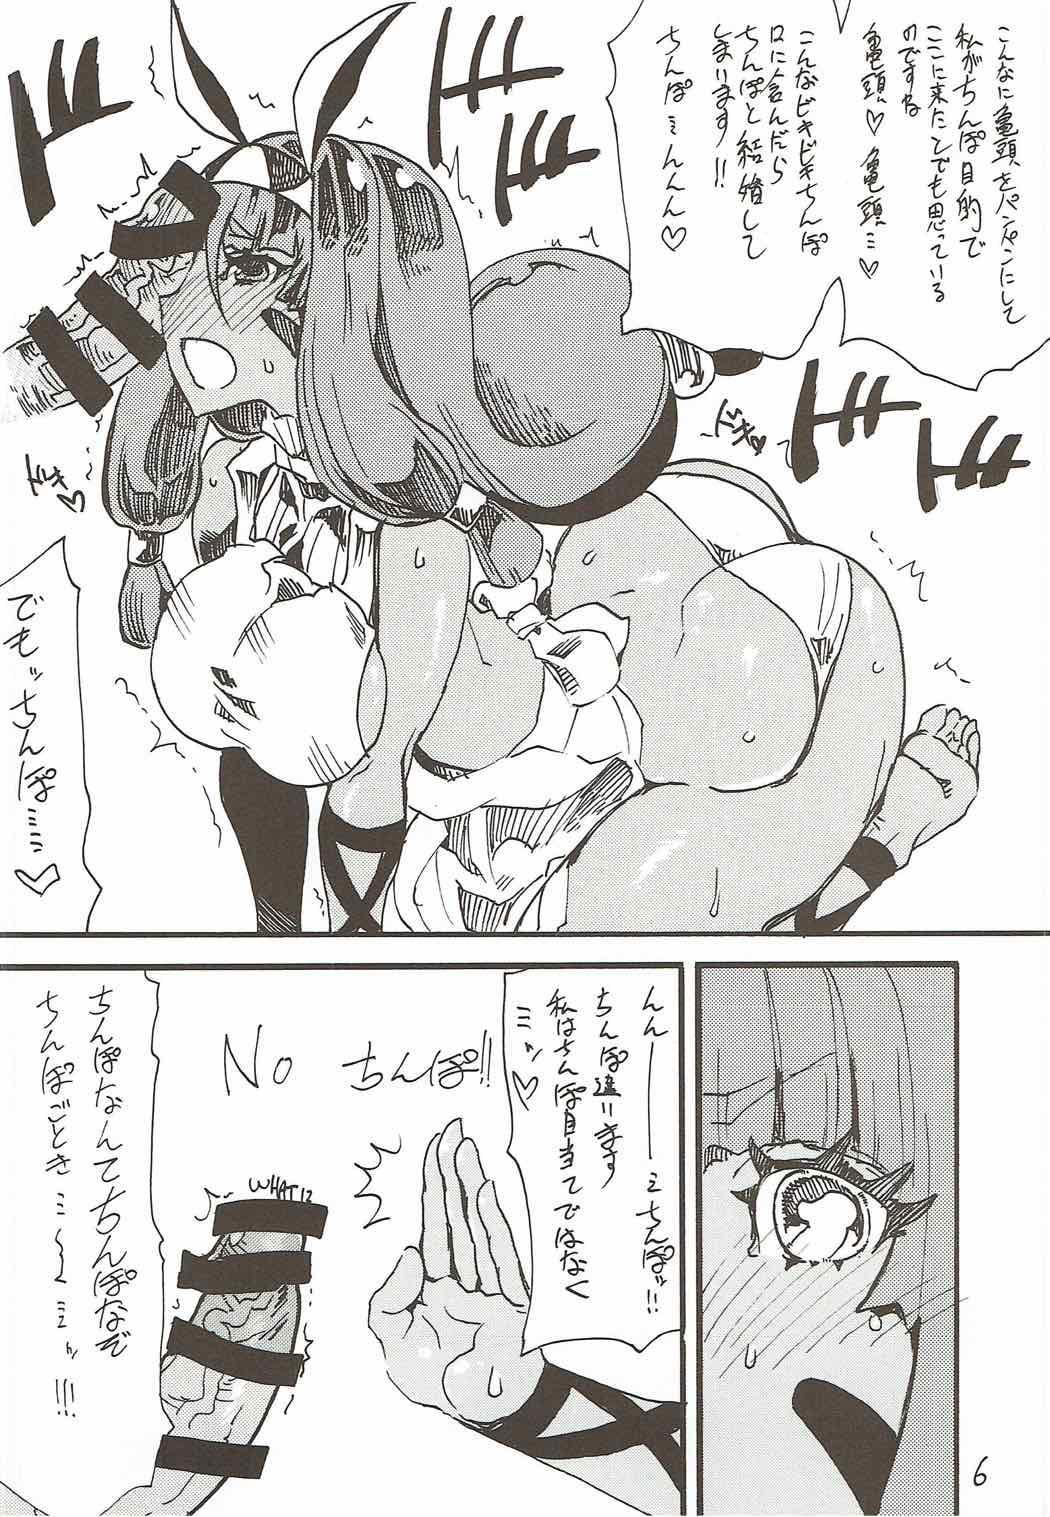 My Room o Souji Shini kita hazu ga Ki ga Tsuitara Ochinchin o Soku Ochinchin o Shabutte ita Natsu 4